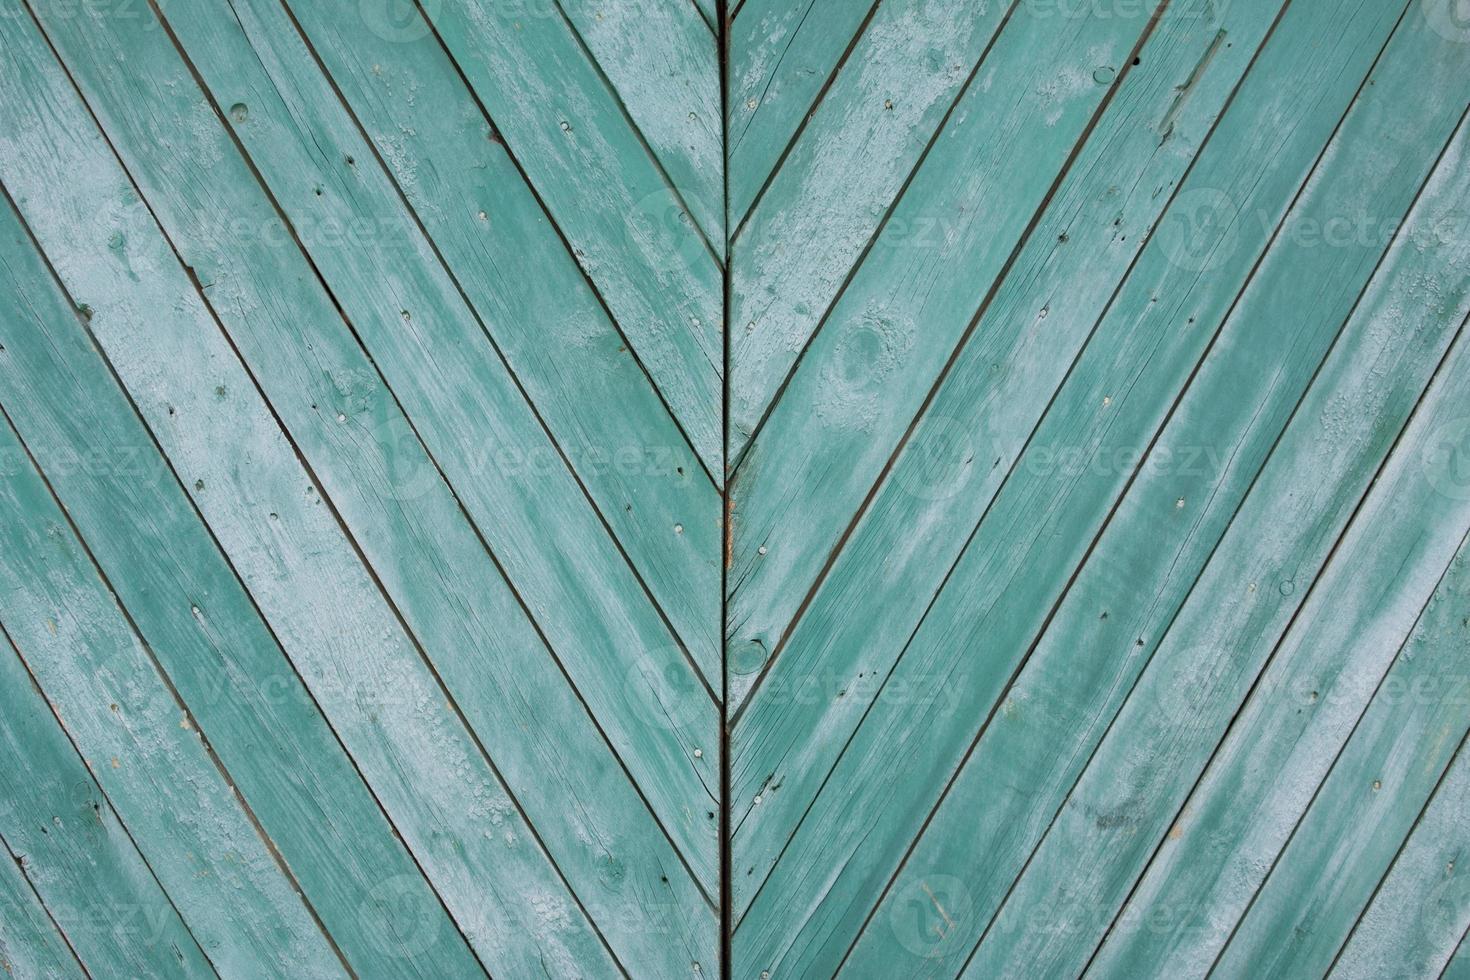 groene grunge houtstructuur met diagonale strepen foto